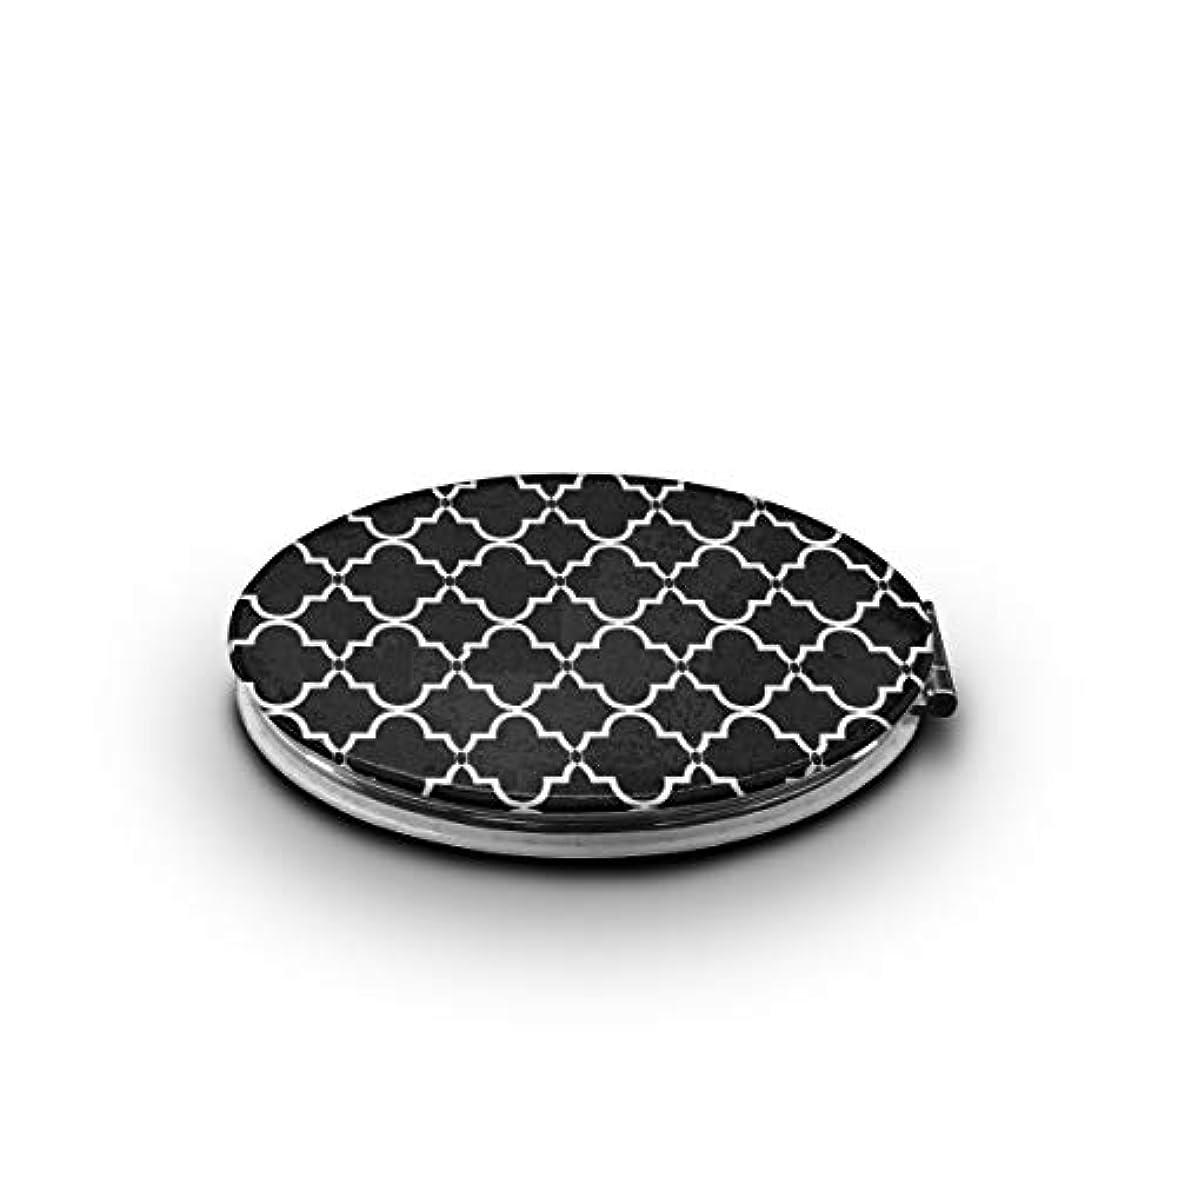 その結果愛する構造的携帯ミラー 幾何学の柄ミニ化粧鏡 化粧鏡 3倍拡大鏡+等倍鏡 両面化粧鏡 楕円形 携帯型 折り畳み式 コンパクト鏡 外出に 持ち運び便利 超軽量 おしゃれ 9.0X6.6CM